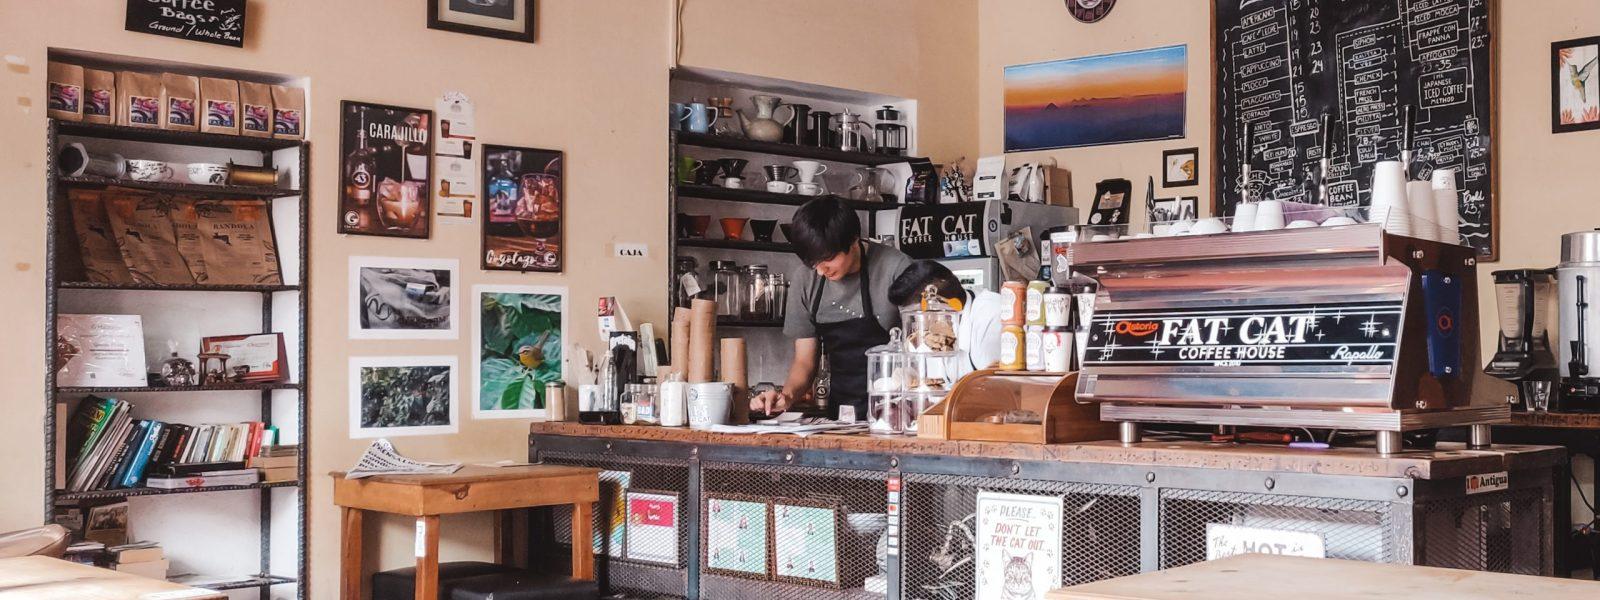 13x coffee in Antigua Guatemala